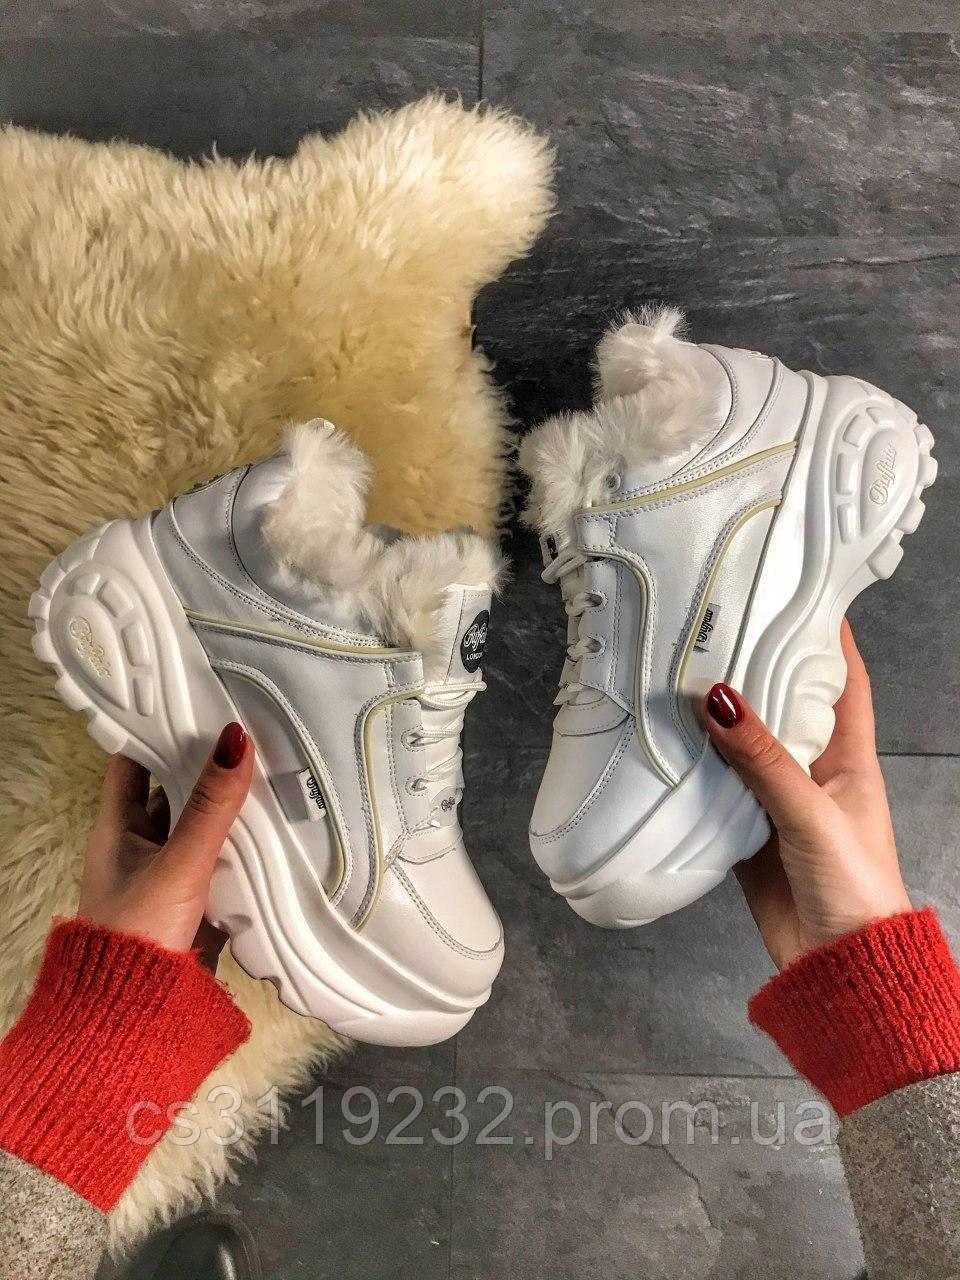 Женские кроссовки зимние Buffalo London Нigh (мех) (белые)